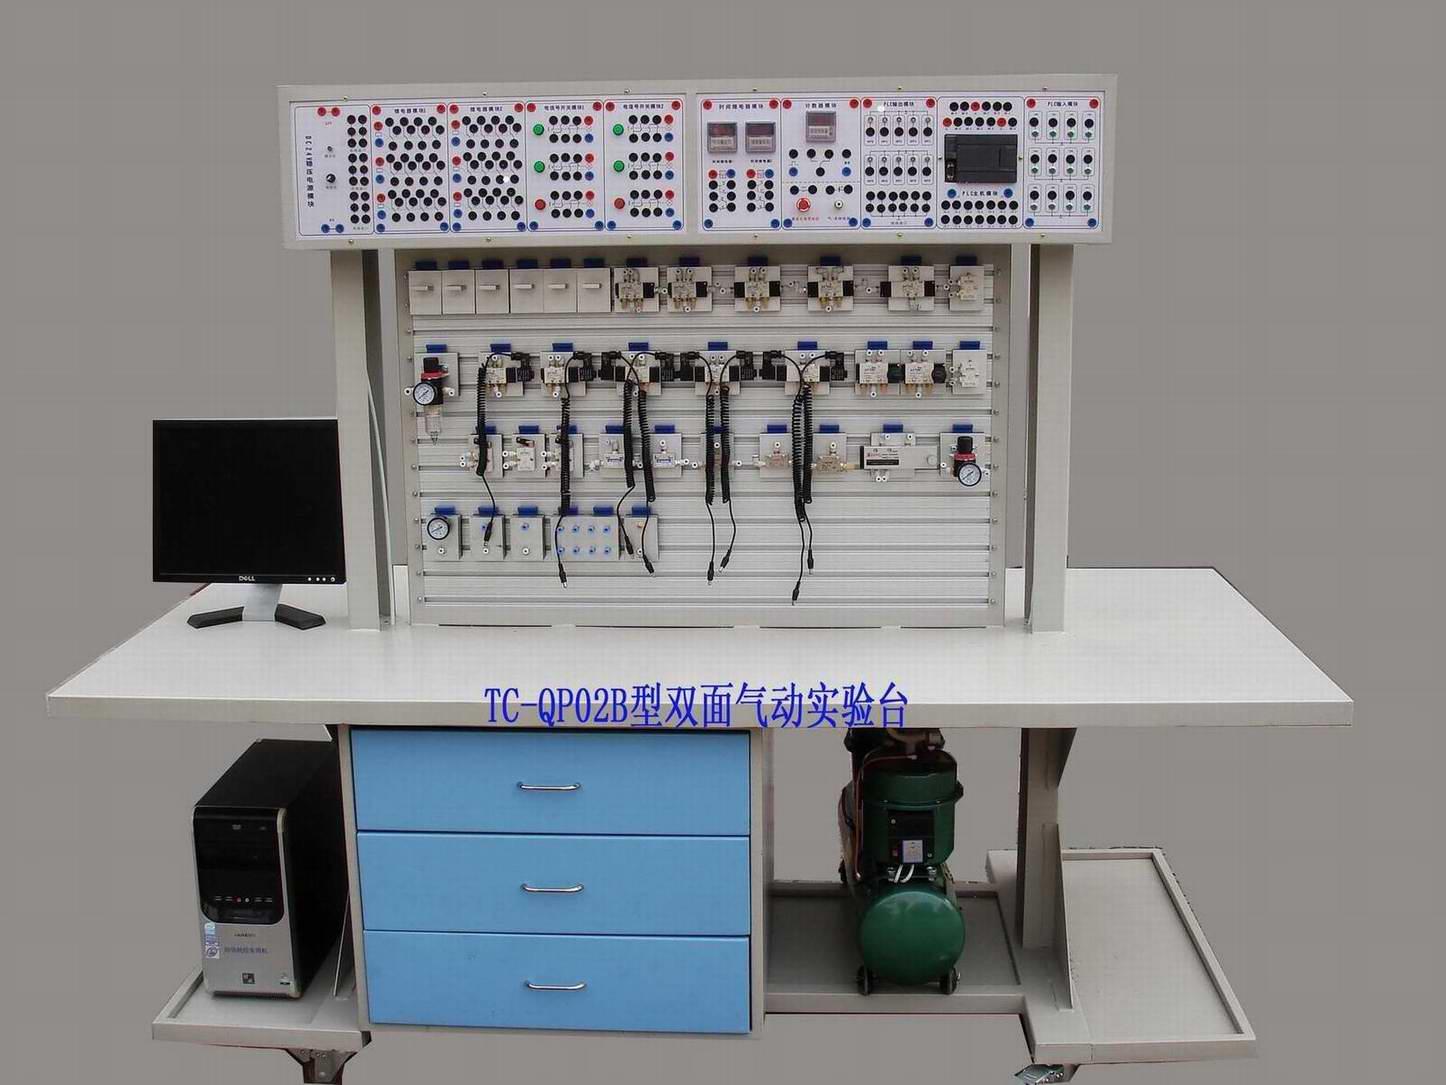 三)技术指标:(静音空气压缩机)  气泵输入电压:ac 220v/50hz